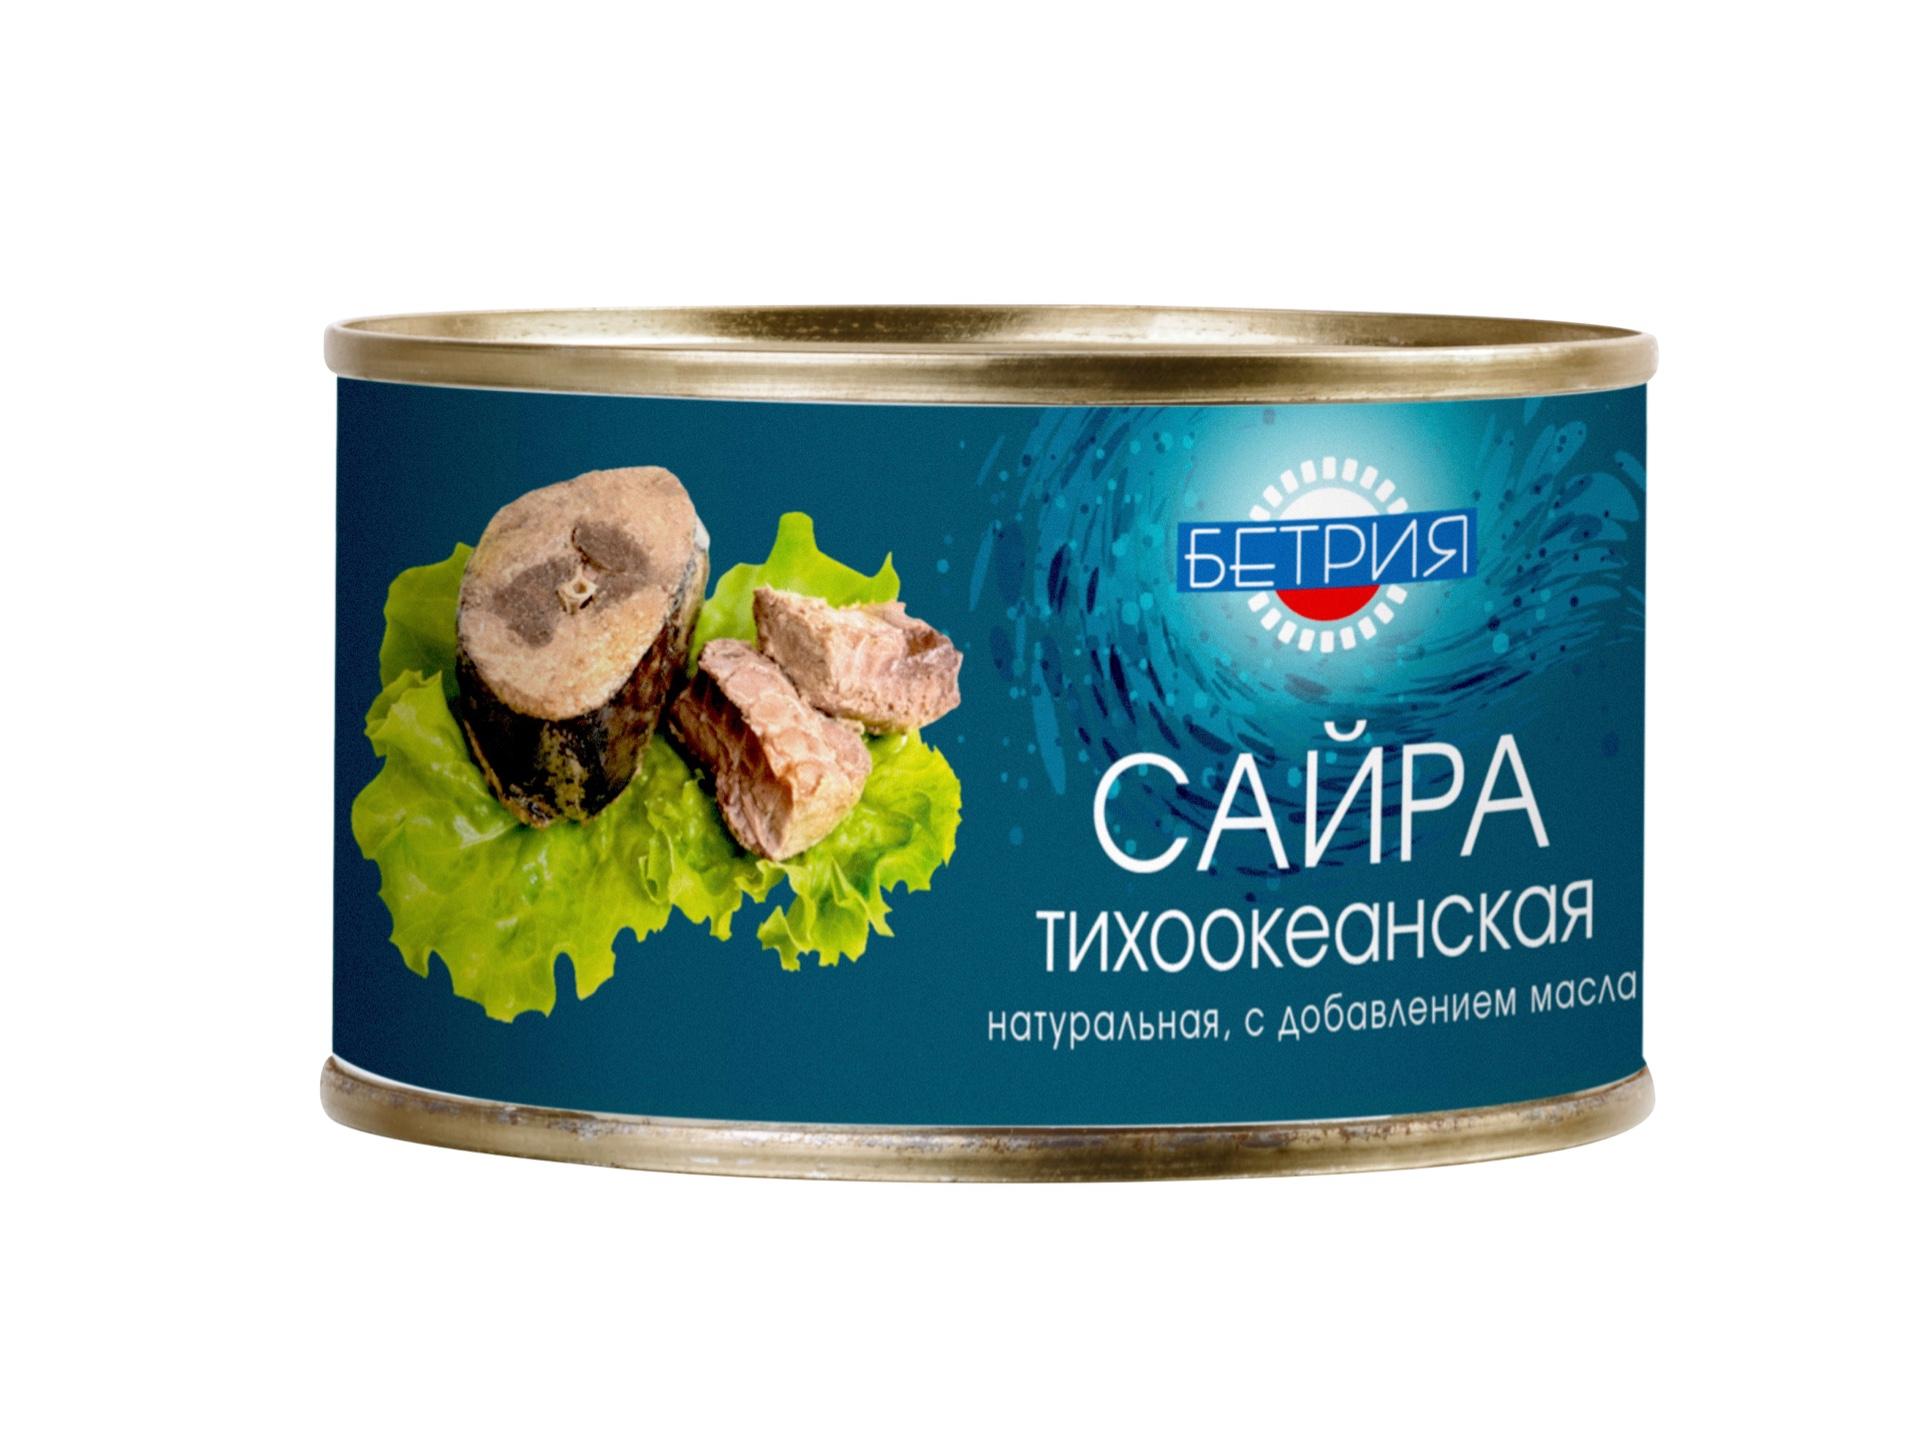 Рыбные консервы Бетрия САЙРА ТИХООКЕАНСКАЯ НАТУРАЛЬНАЯ С ДОБАВЛЕНИЕМ МАСЛА, 240 капитан вкусов сайра тихоокеанская бланшированная в масле 200 г